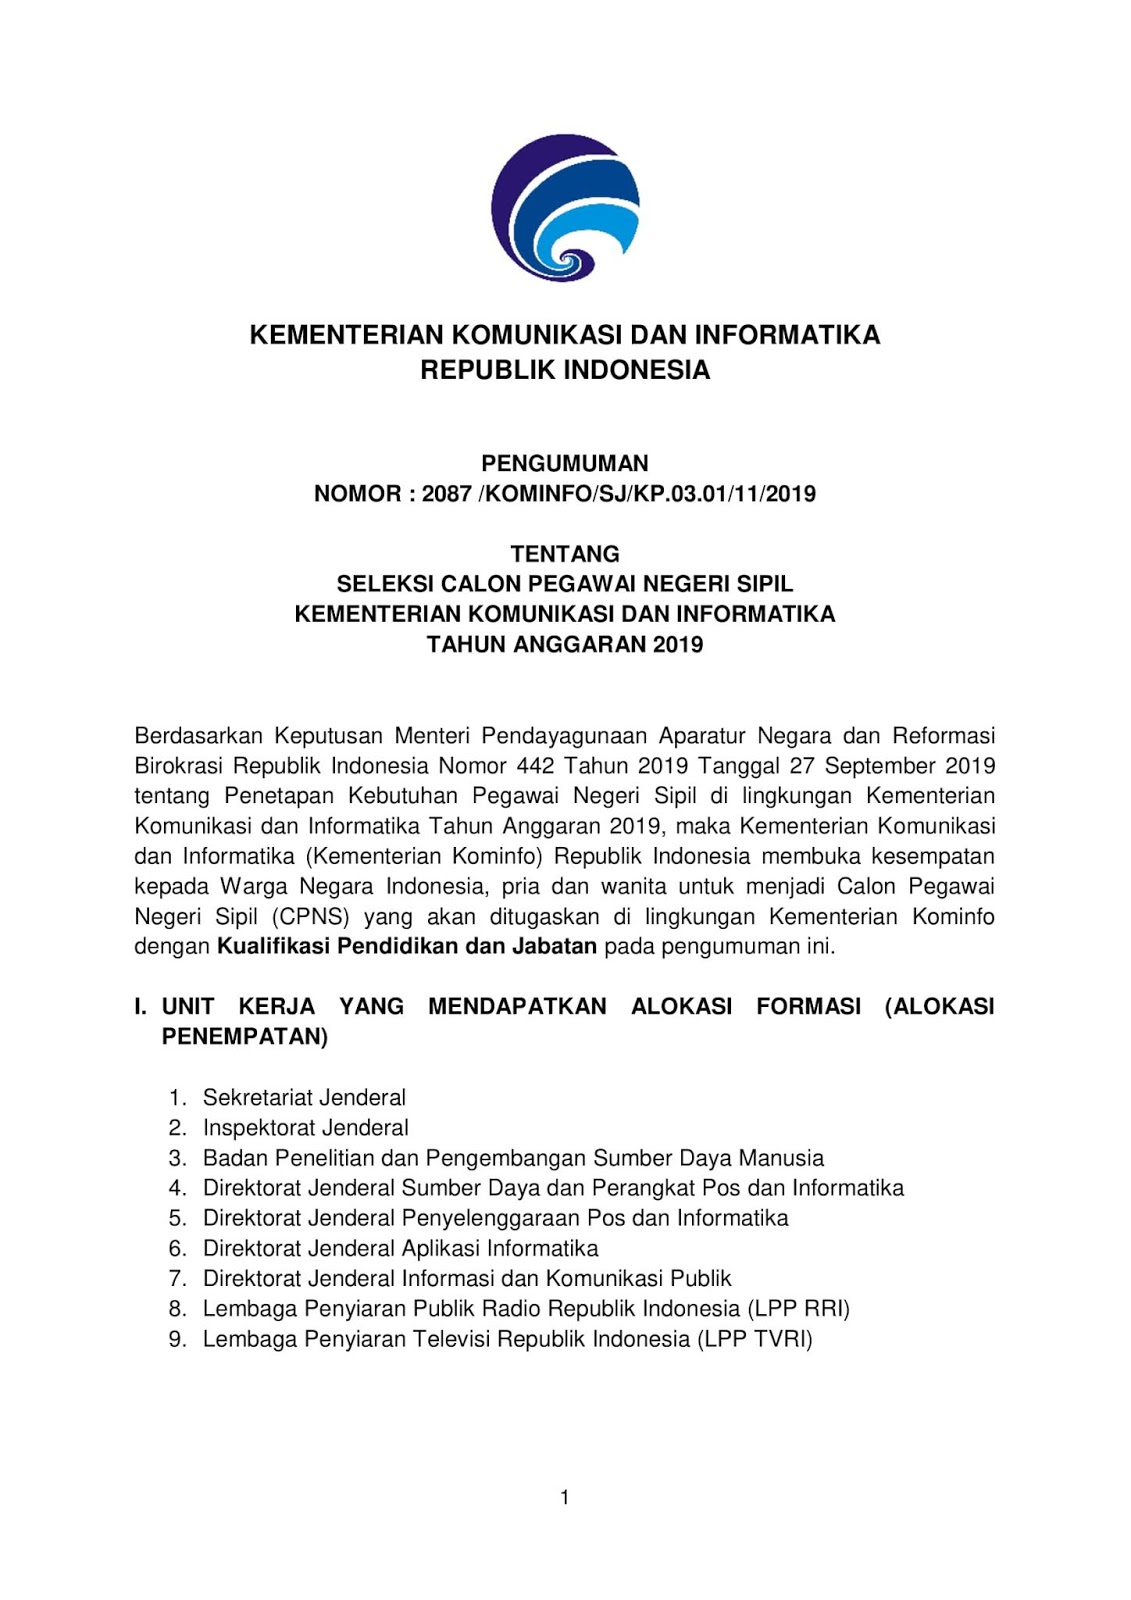 Lowongan CPNS Kementerian Komunikasi dan Informatika Tahun Anggaran 2019 [581 Formasi]